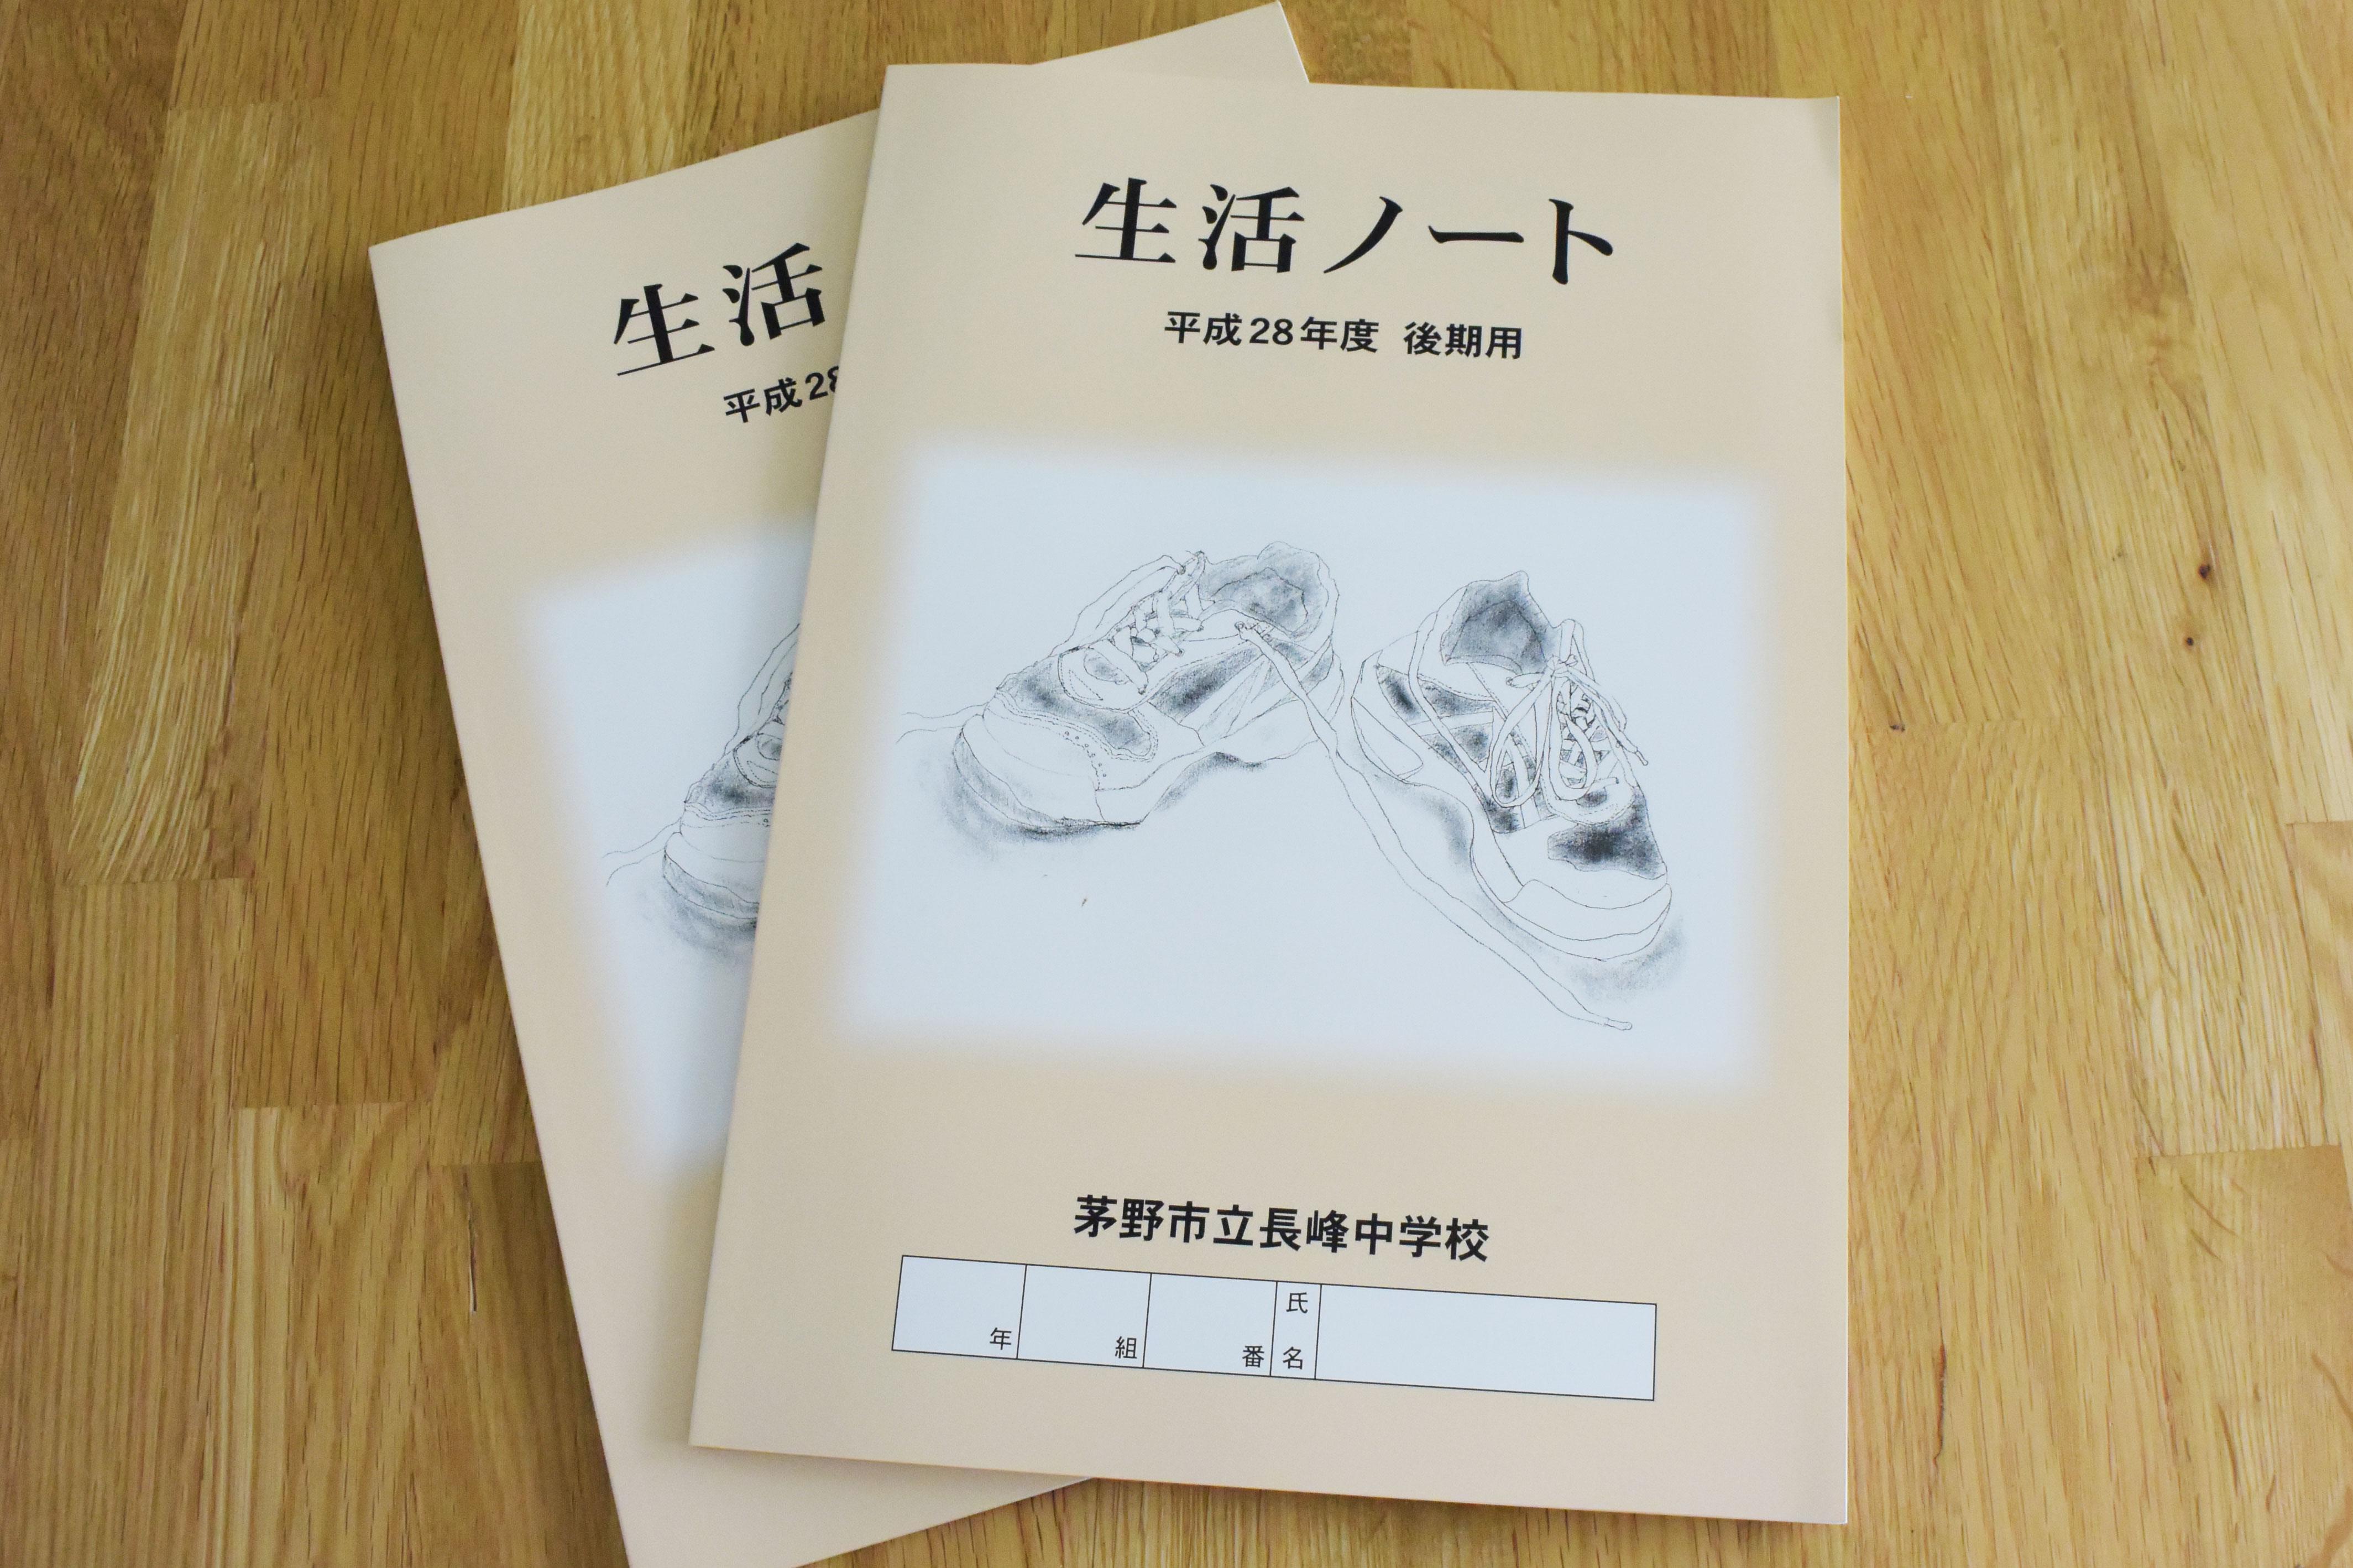 長峰中学校様生活ノートできました。